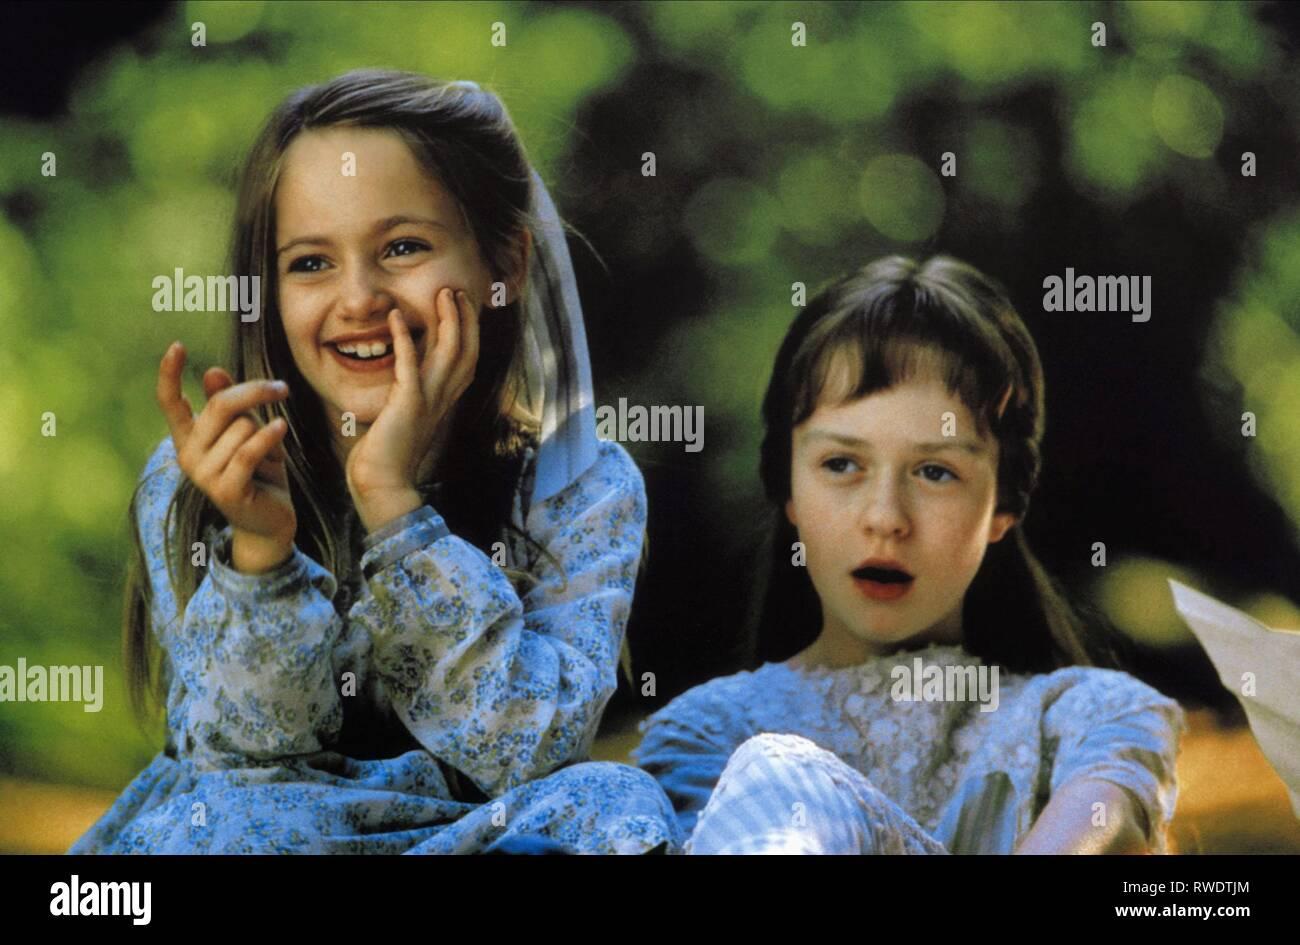 FLORENCE HOATH,ELIZABETH EARL, FAIRYTALE: A TRUE STORY, 1997 - Stock Image